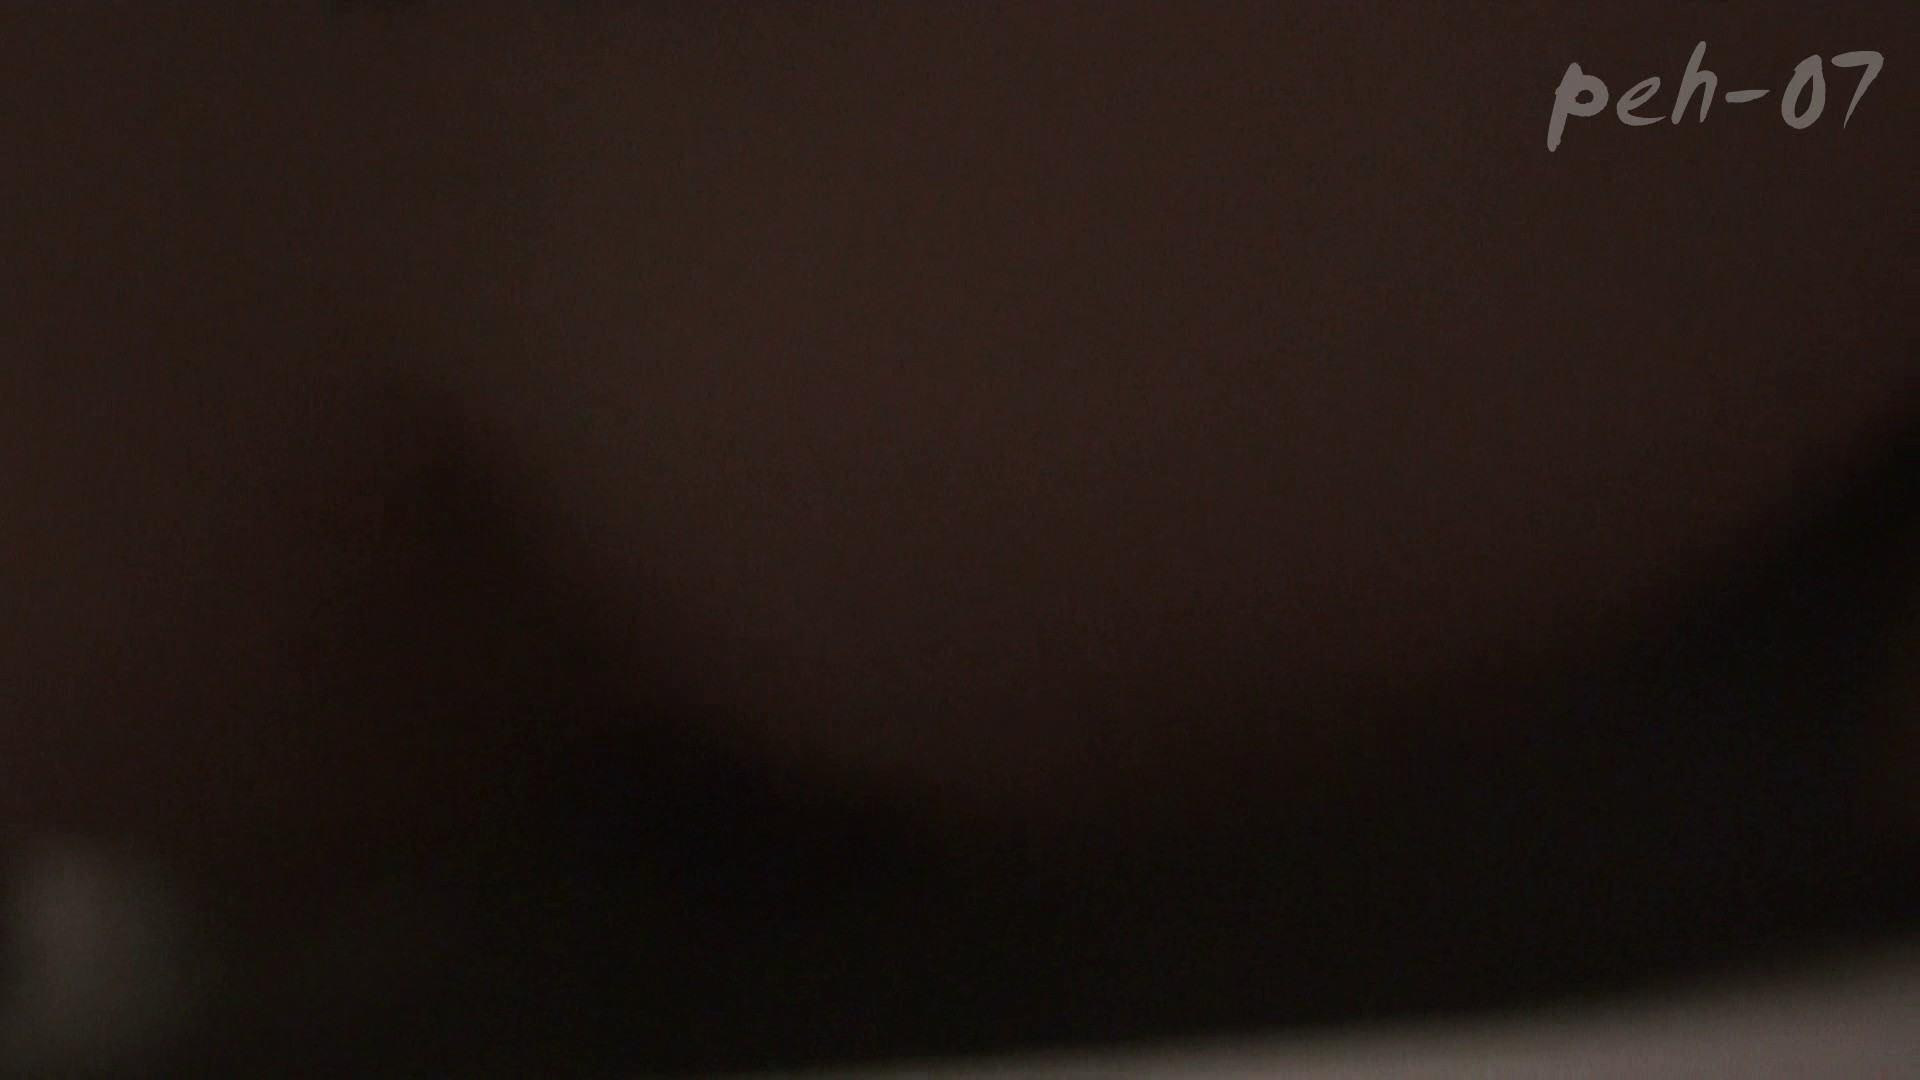 ※100個限定販売 至高下半身盗撮 プレミアム Vol.7 ハイビジョン エッチすぎるOL達  87連発 68